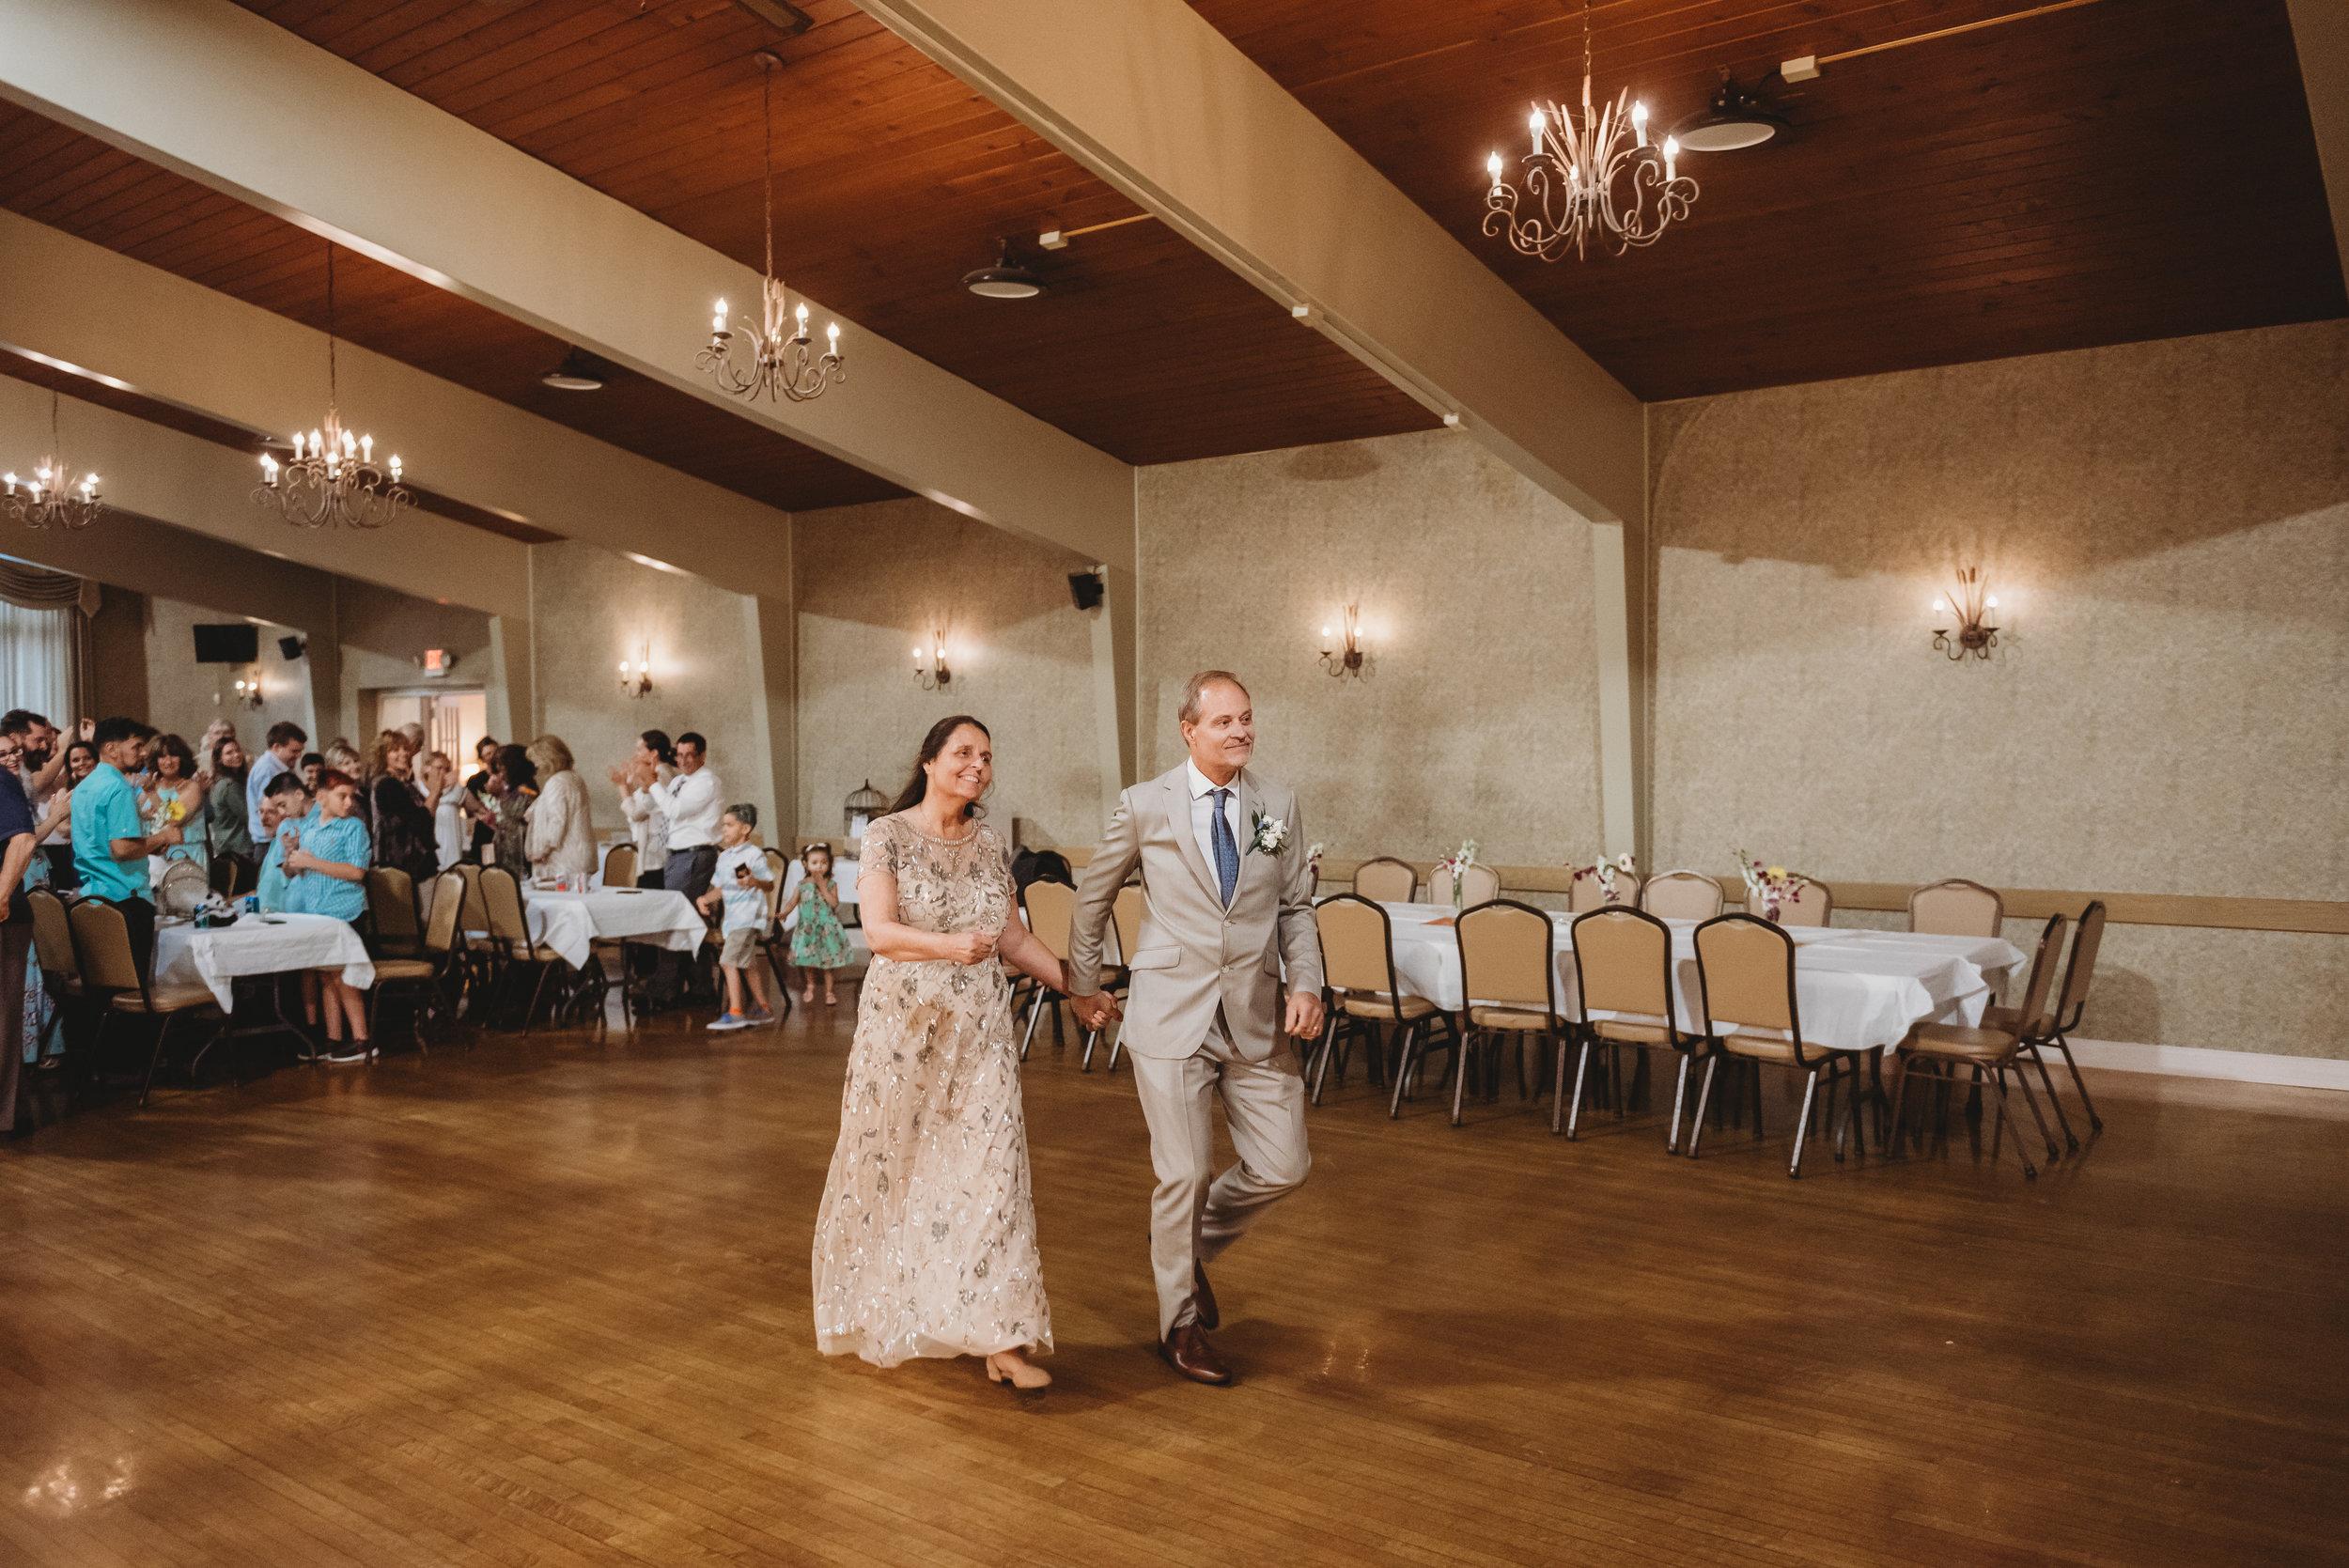 Gumlaw_Wedding_Reception-19.jpg